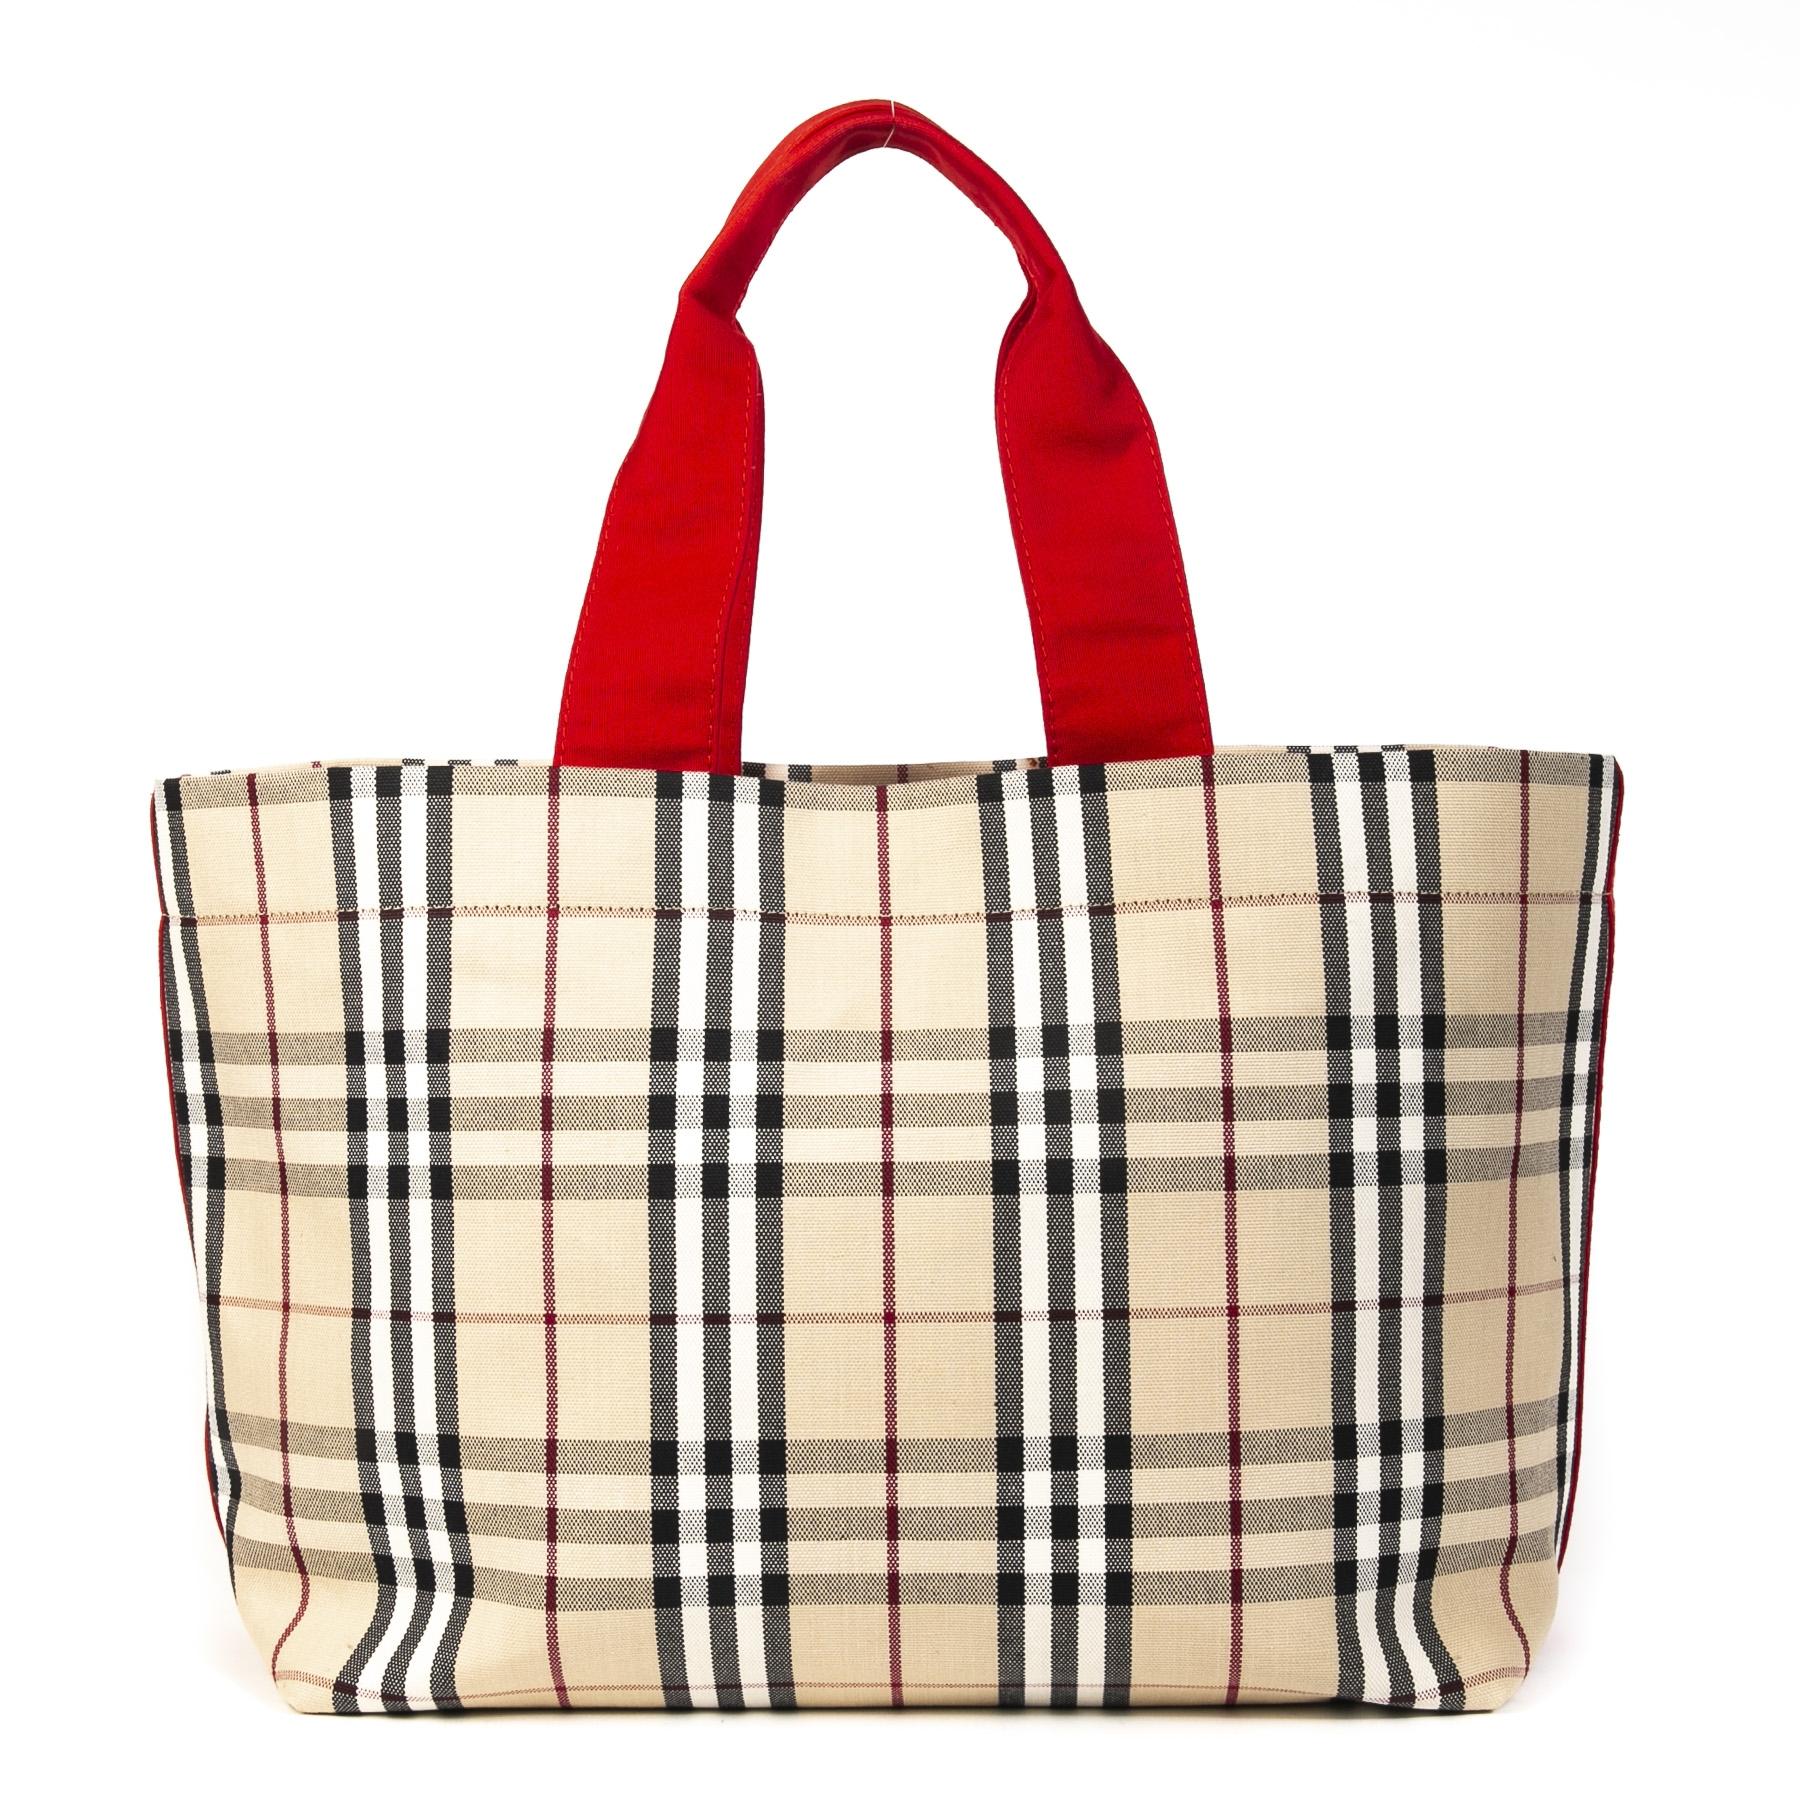 Authentieke Tweedehands Burberry Nova Check Shopper Bag juiste prijs veilig online shoppen luxe merken webshop winkelen Antwerpen België mode fashion